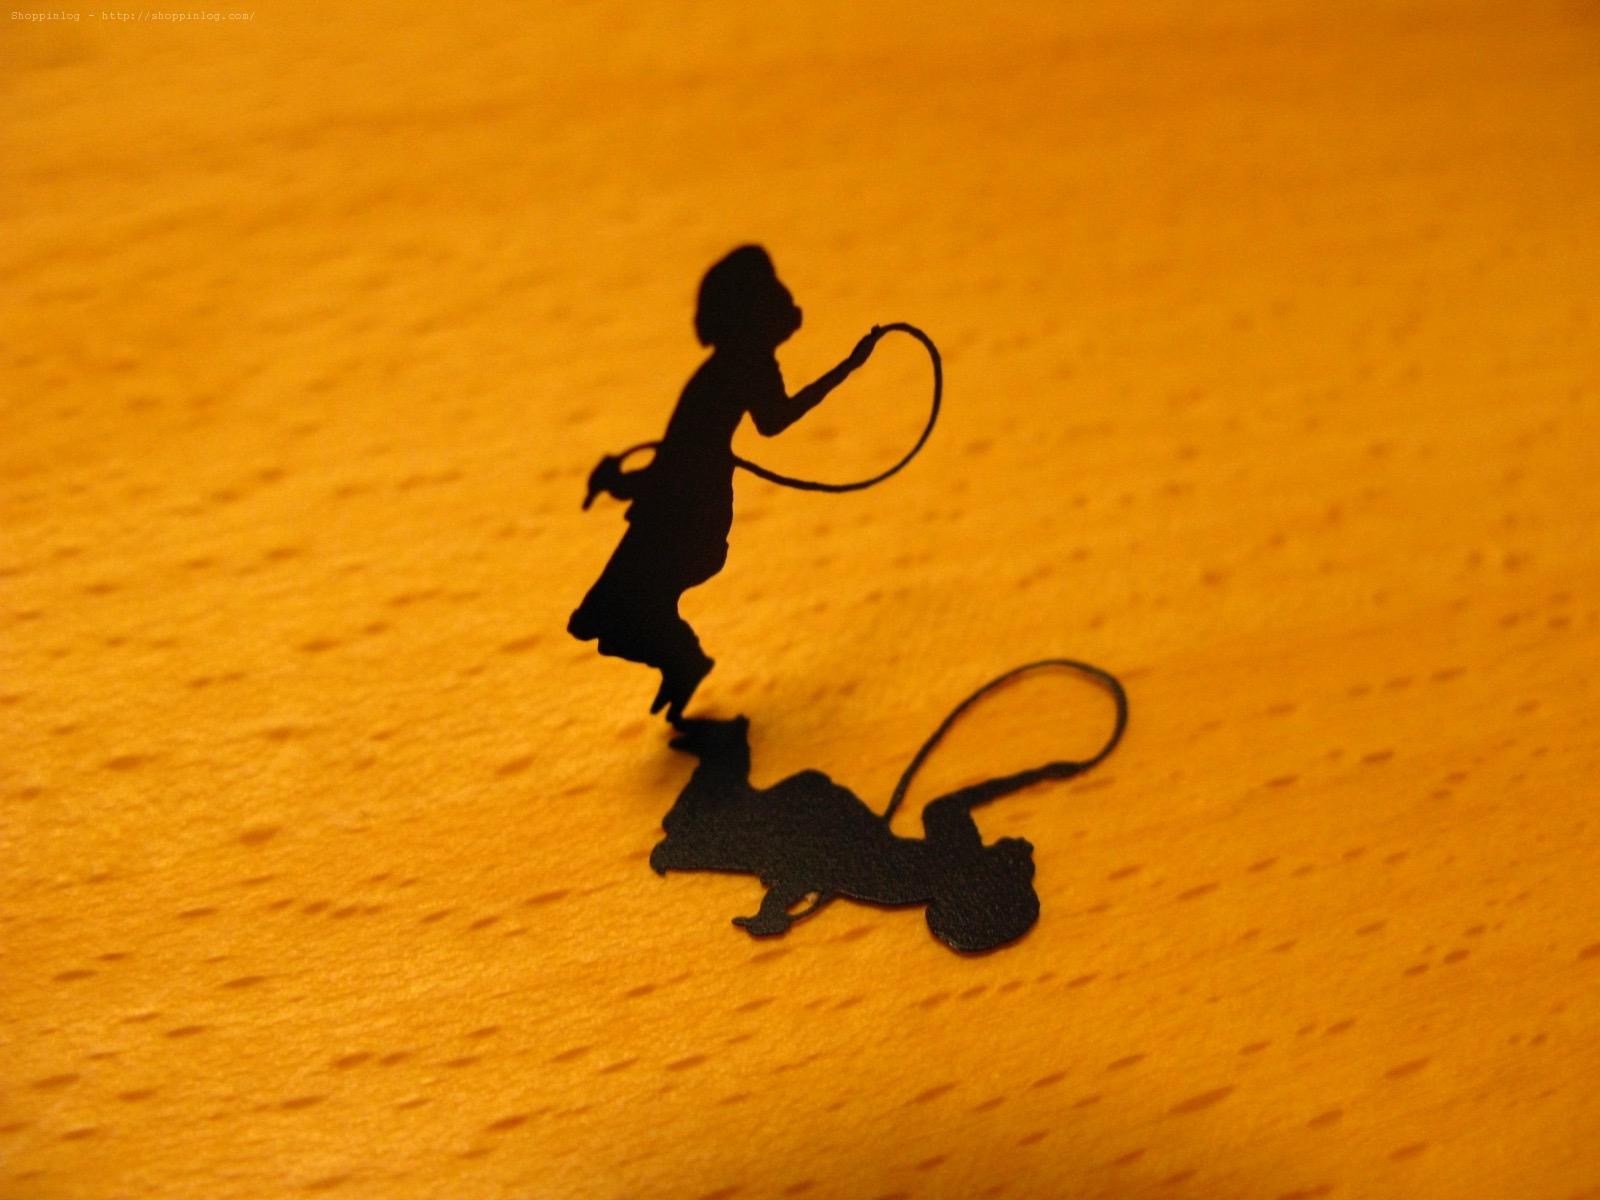 シルエット工場「縄跳びをする少女」